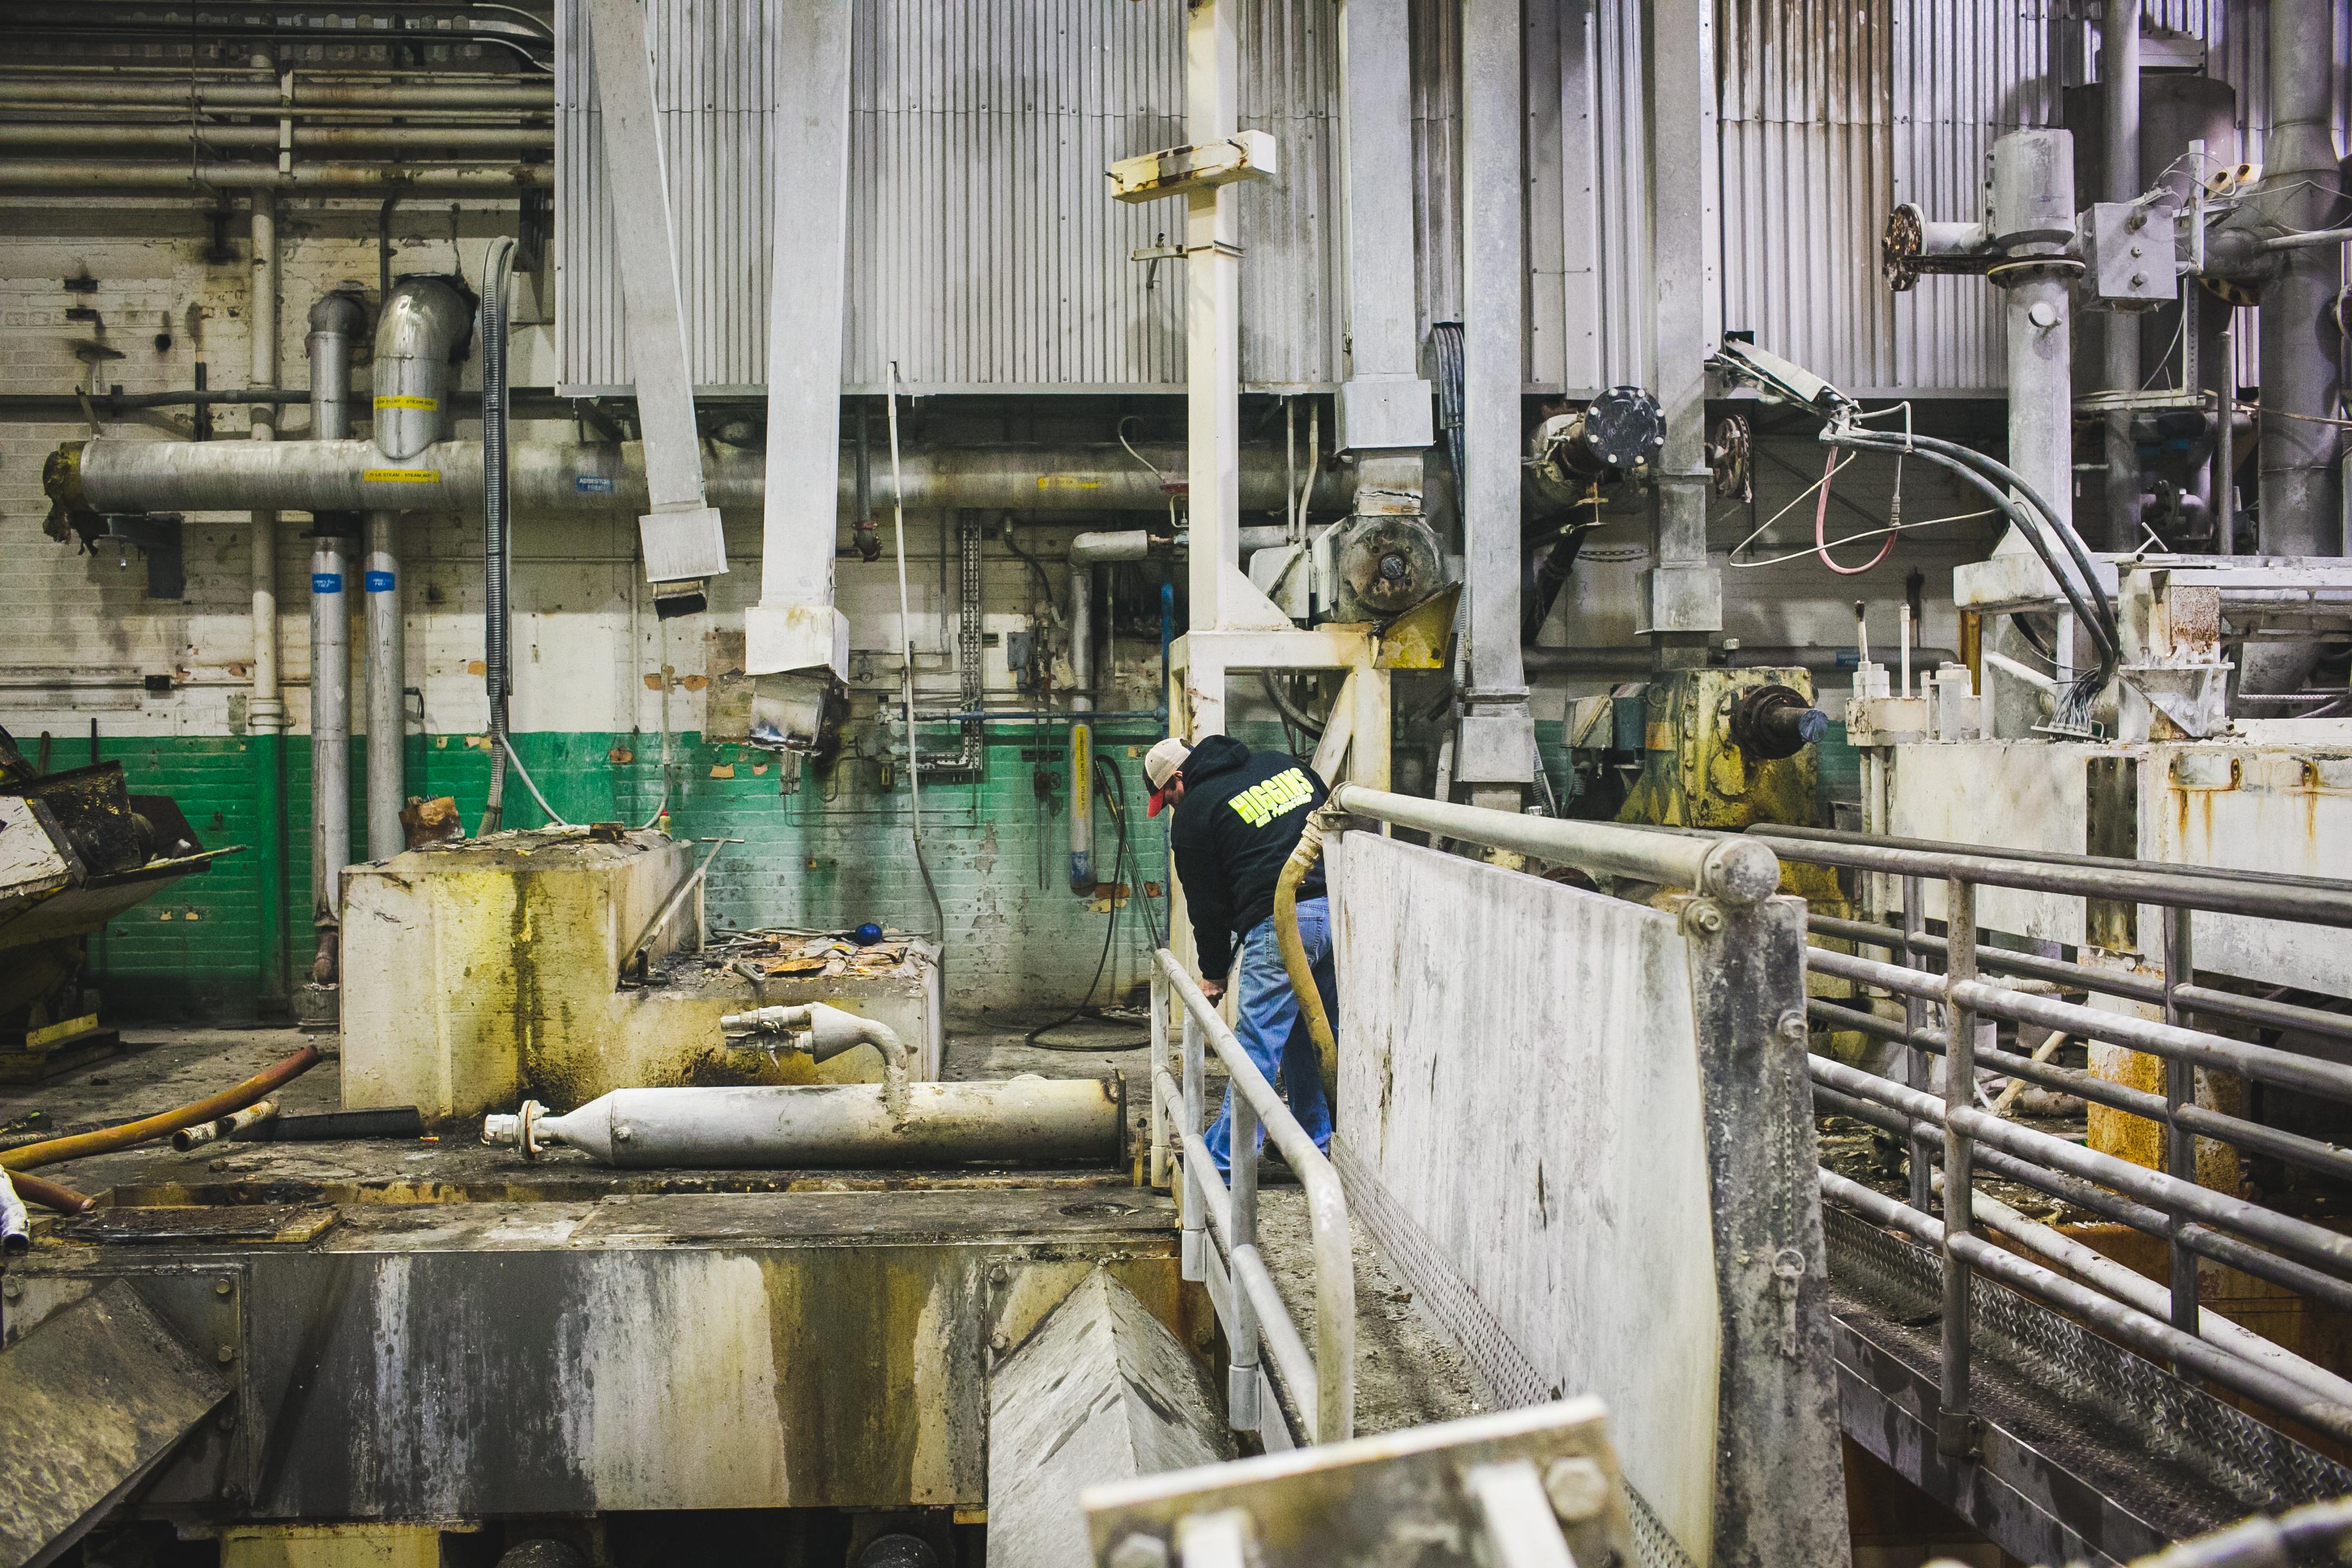 Brainerd Industrial Center Demolition